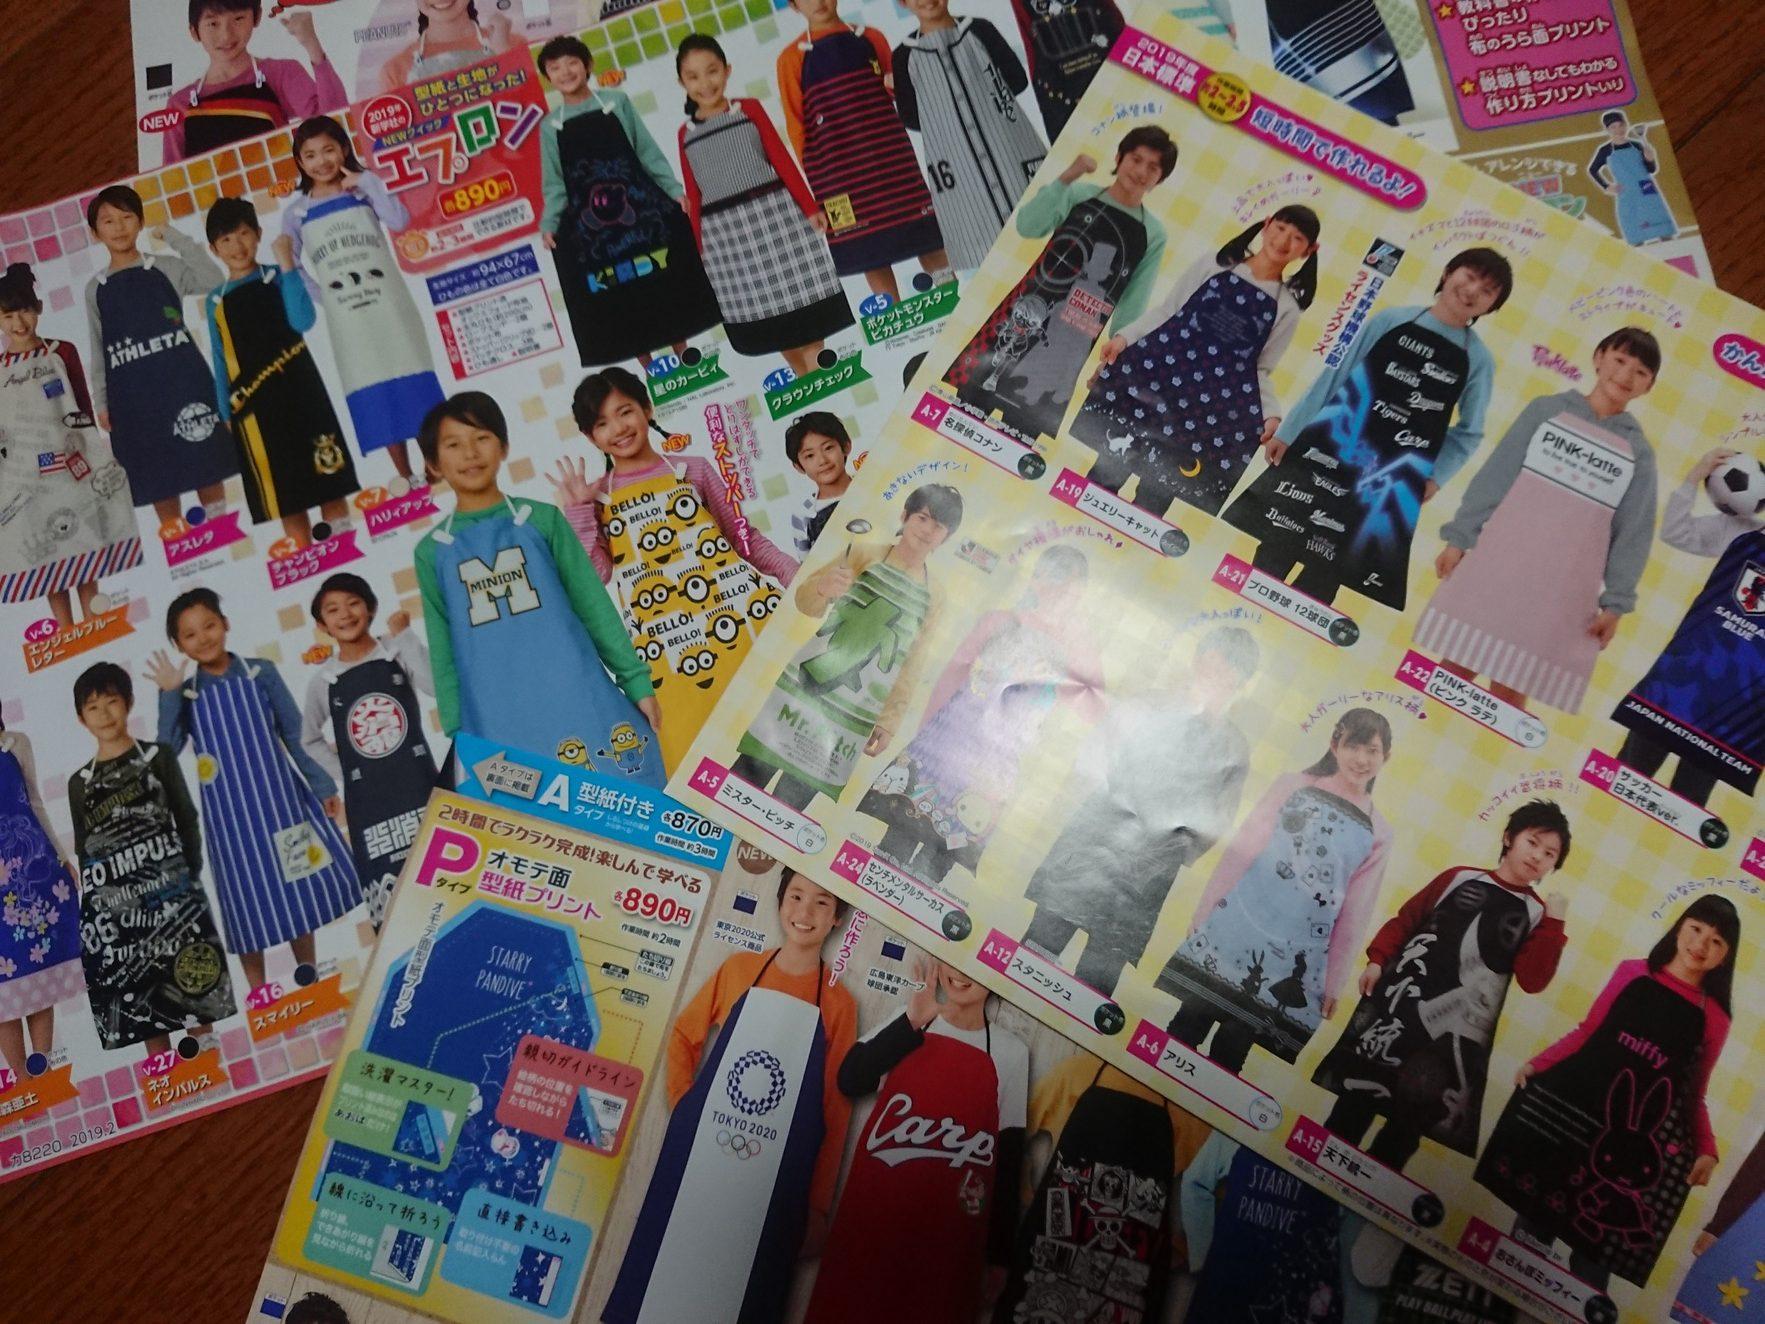 小学校 裁縫 セット 【育児】小学校5年生の家庭科で使う裁縫セットはどこで売っている?セットで買う?